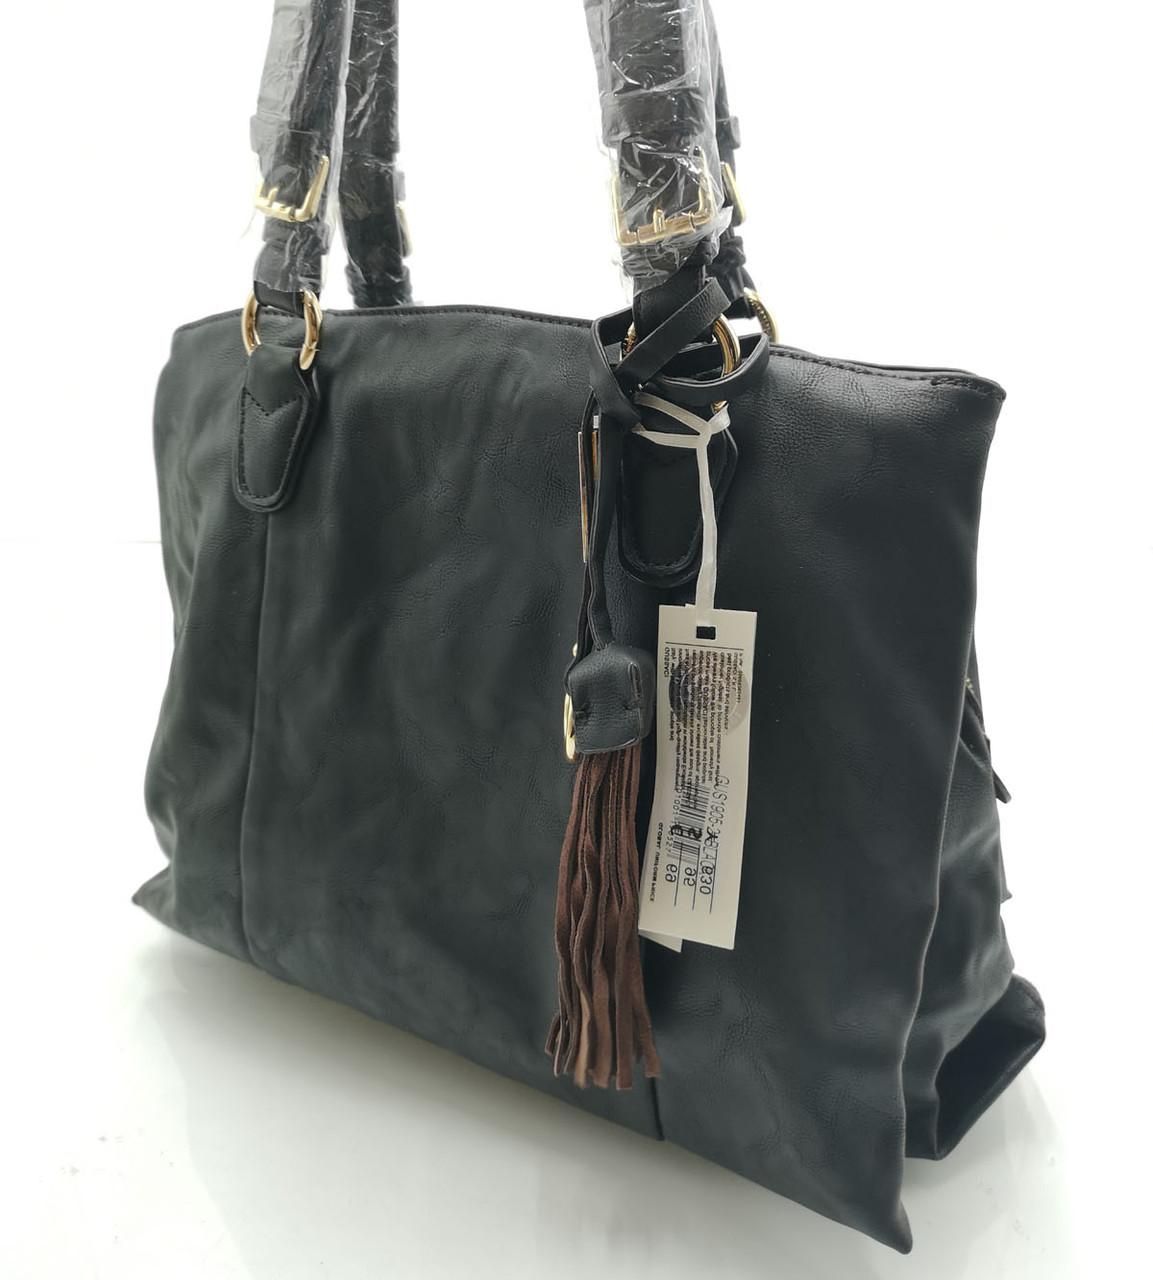 Женская сумка Gussaci искусственная кожа (1905-2)